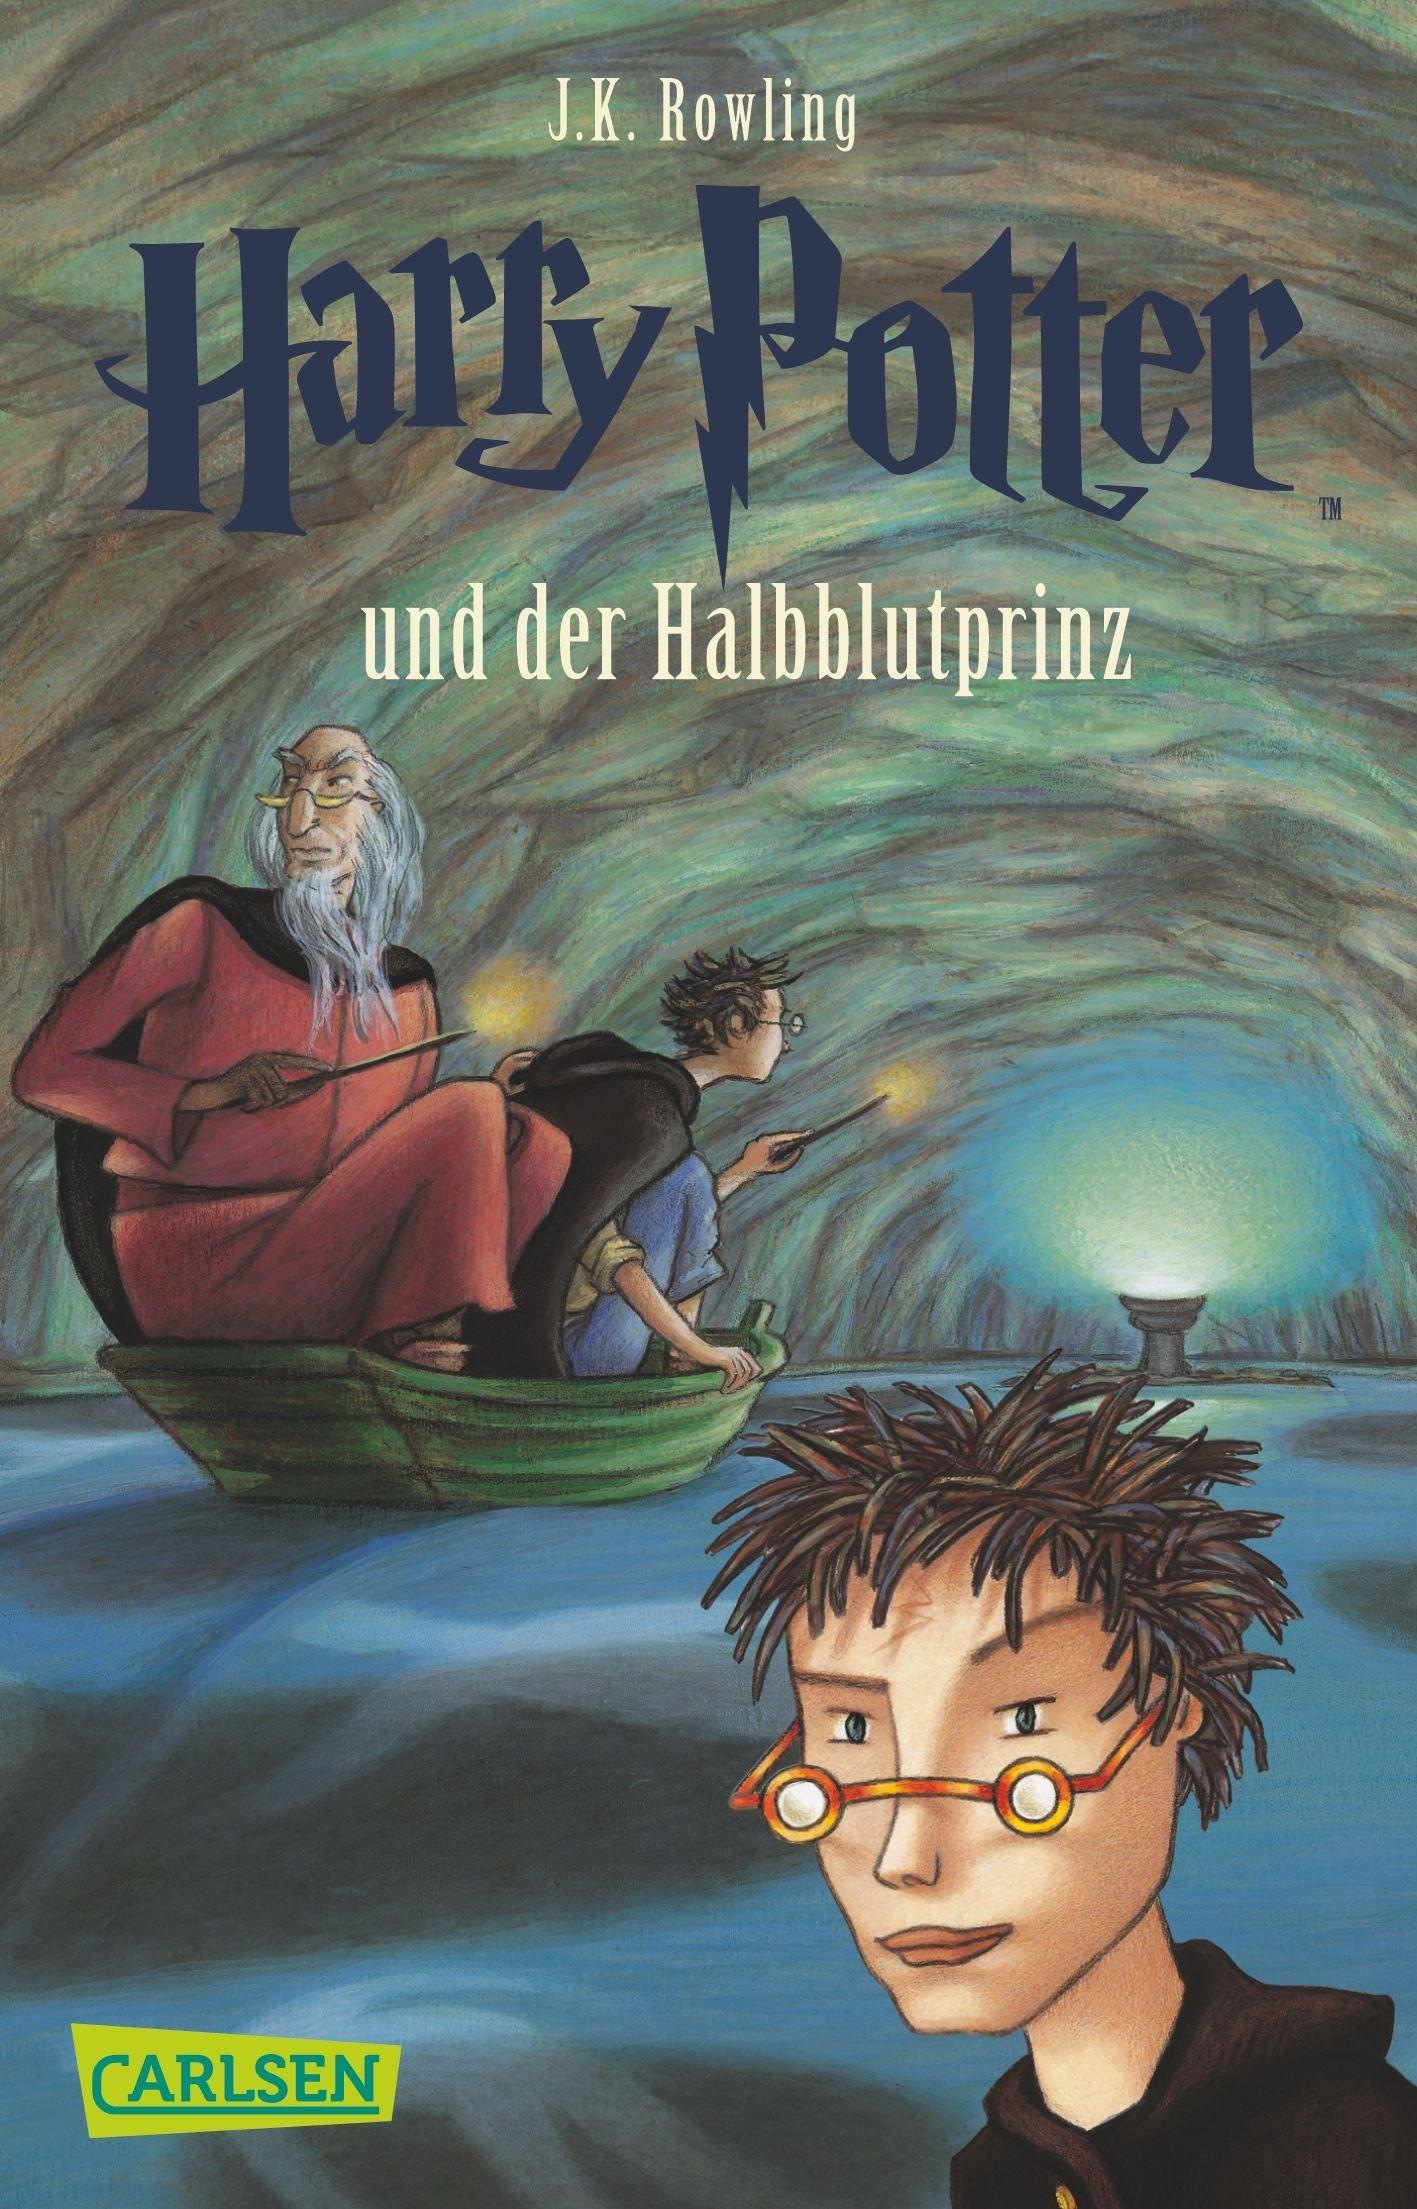 Harry Potter und der Halbblutprinz (Harry Potter 6) Taschenbuch – 12. März 2010 J.K. Rowling Klaus Fritz Carlsen 3551354065